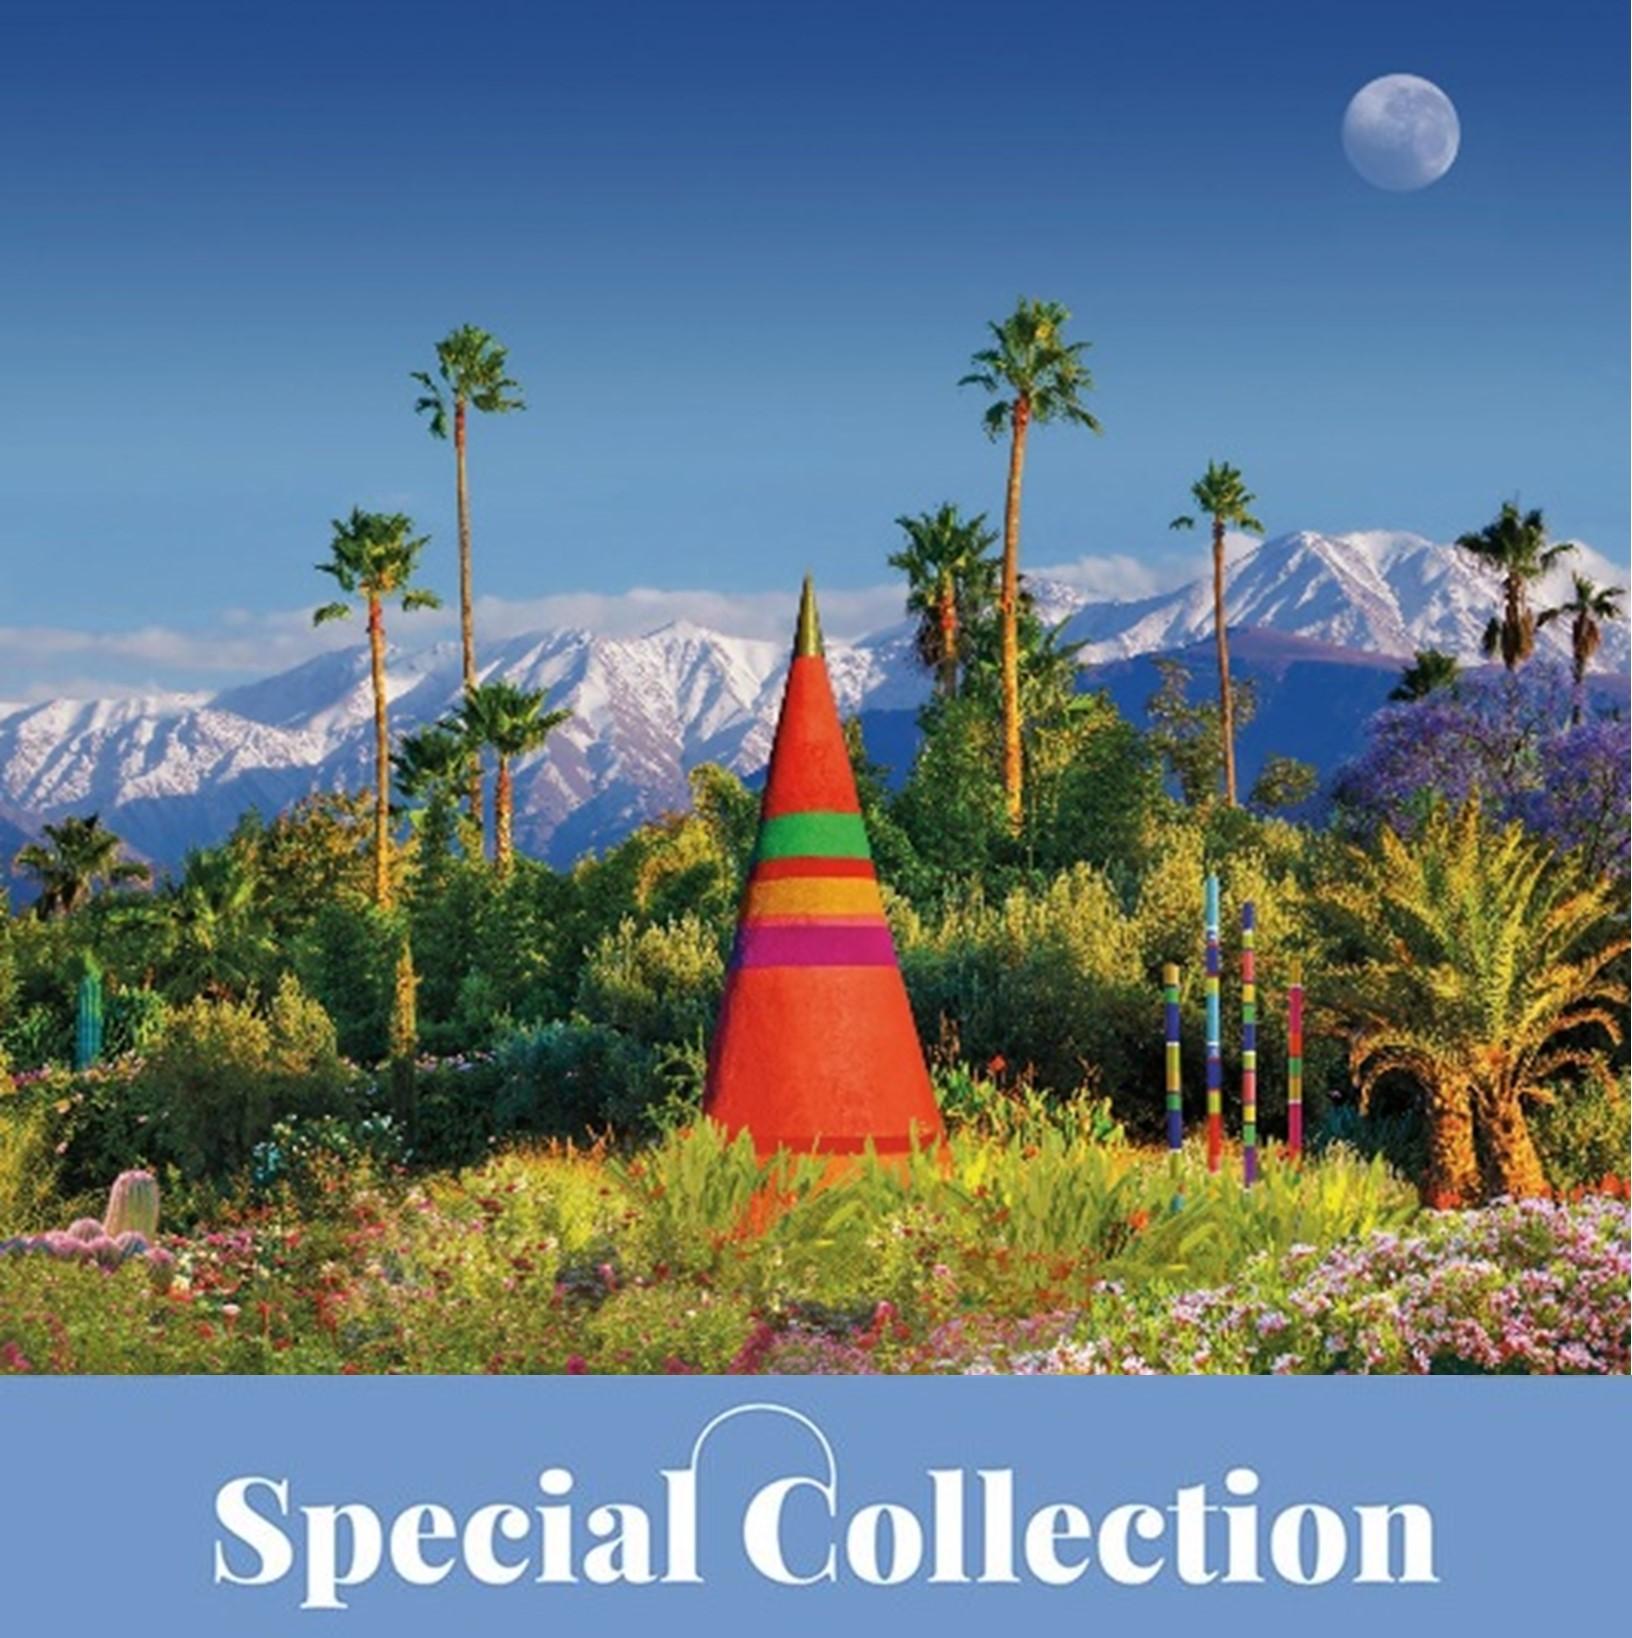 Special Collection: Gartenreise Marrakesch und ANIMA Garden